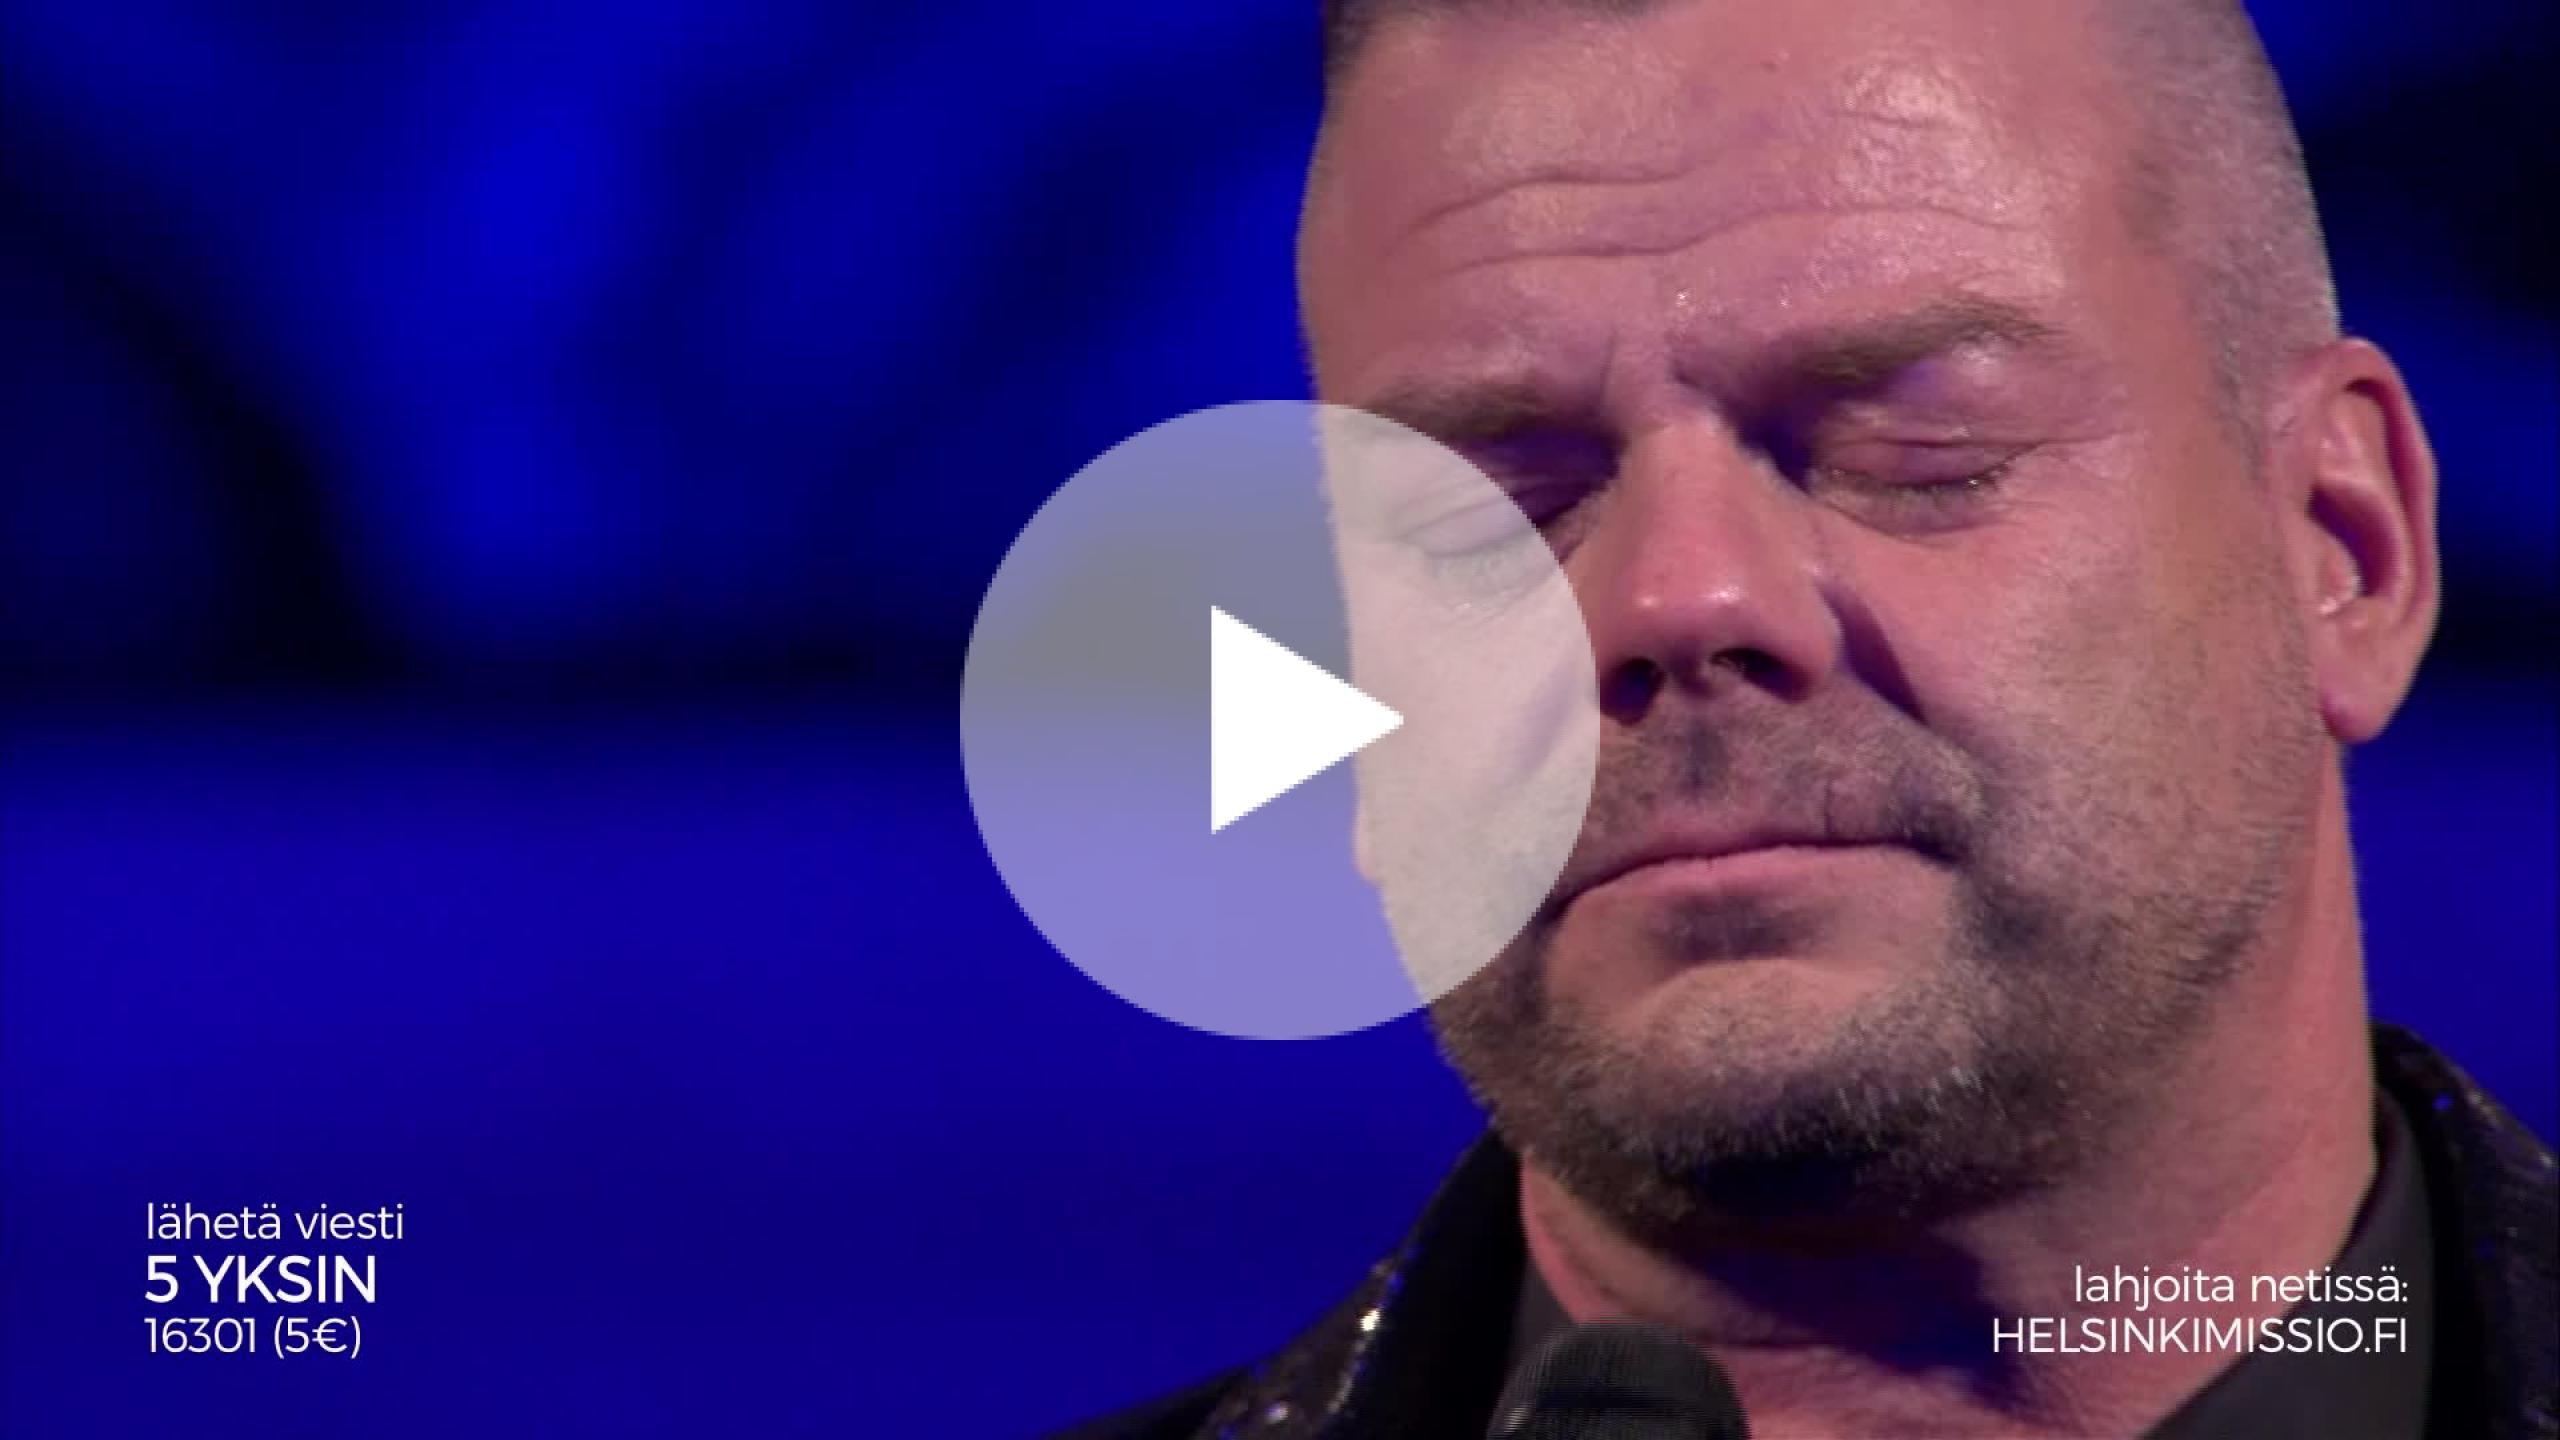 joulun tähdet 2018 - helsinkimission kynttiläkonsertti Jari Sillanpää murtuu kyyneliin kesken esityksensä – kirkossa  joulun tähdet 2018 - helsinkimission kynttiläkonsertti